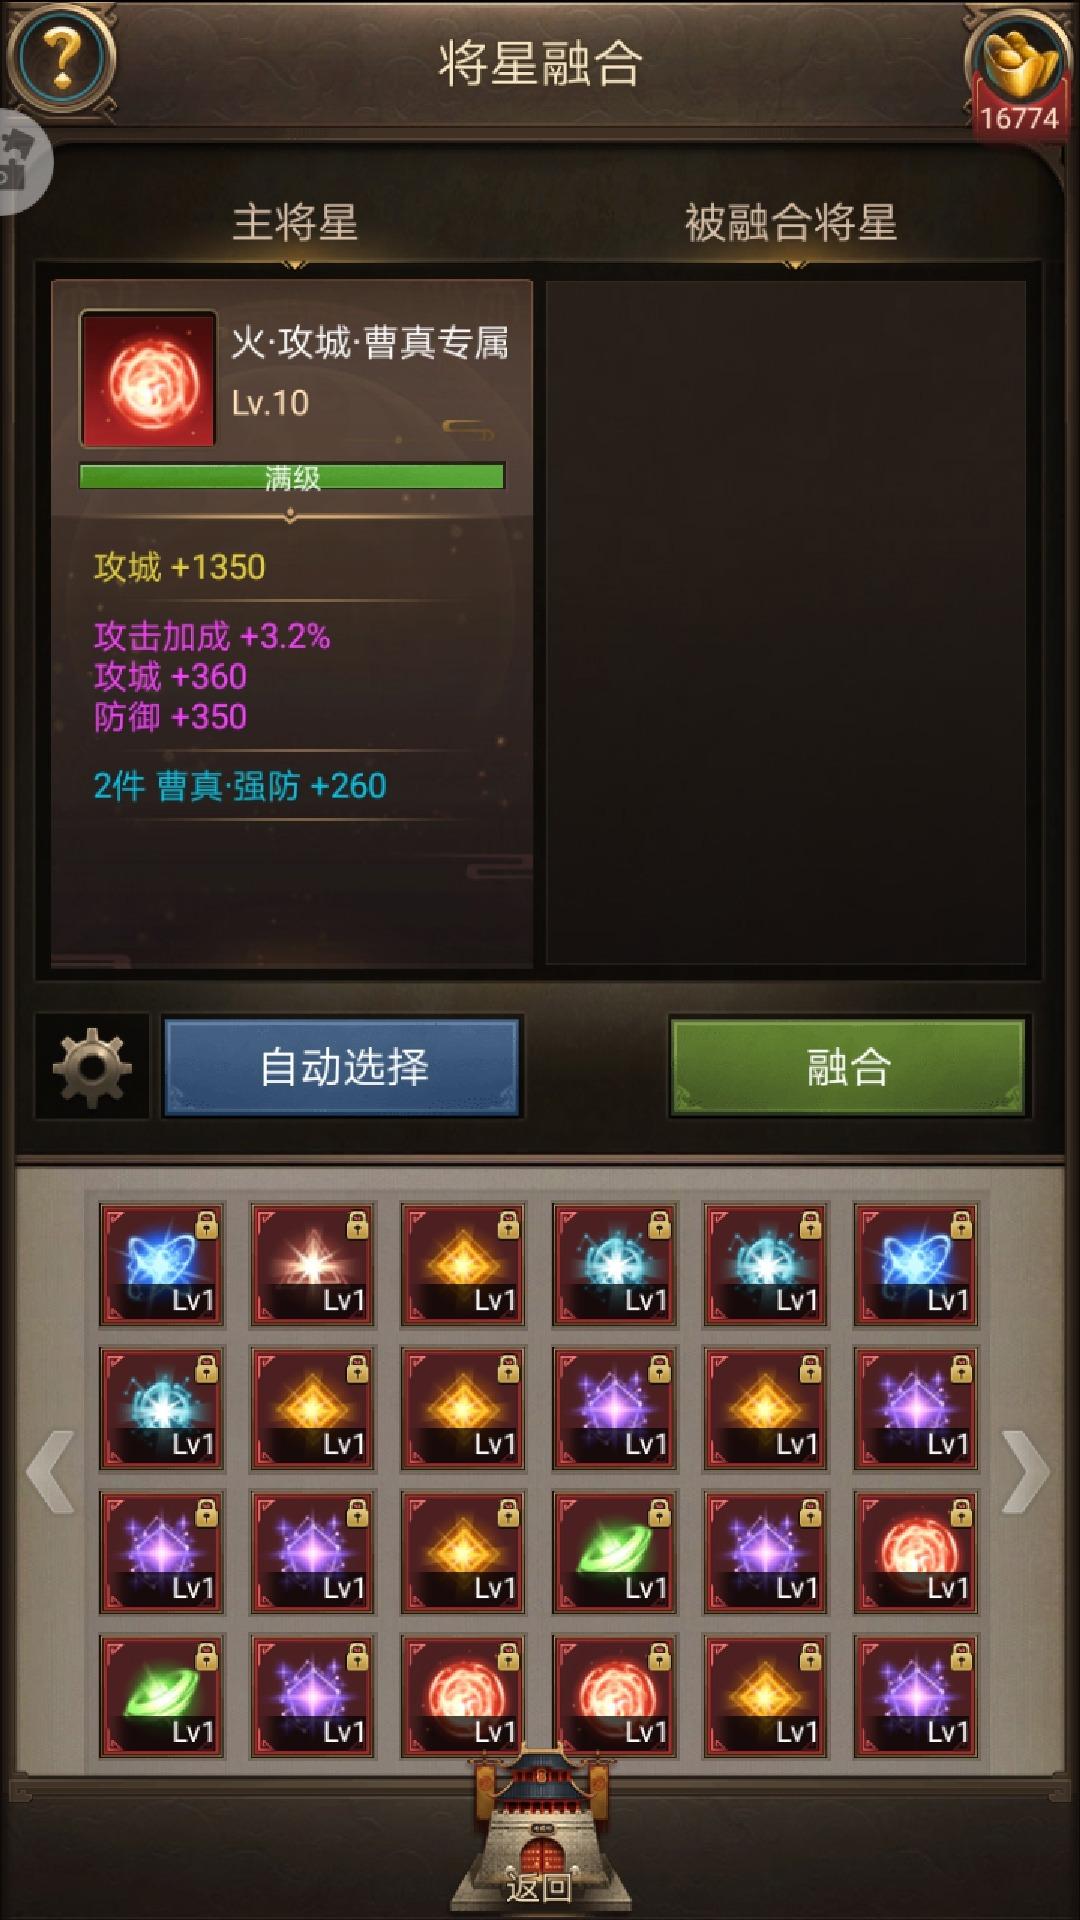 Screenshot_20190701_213351_juedi.tatuyin.rxsg.huawei.jpg